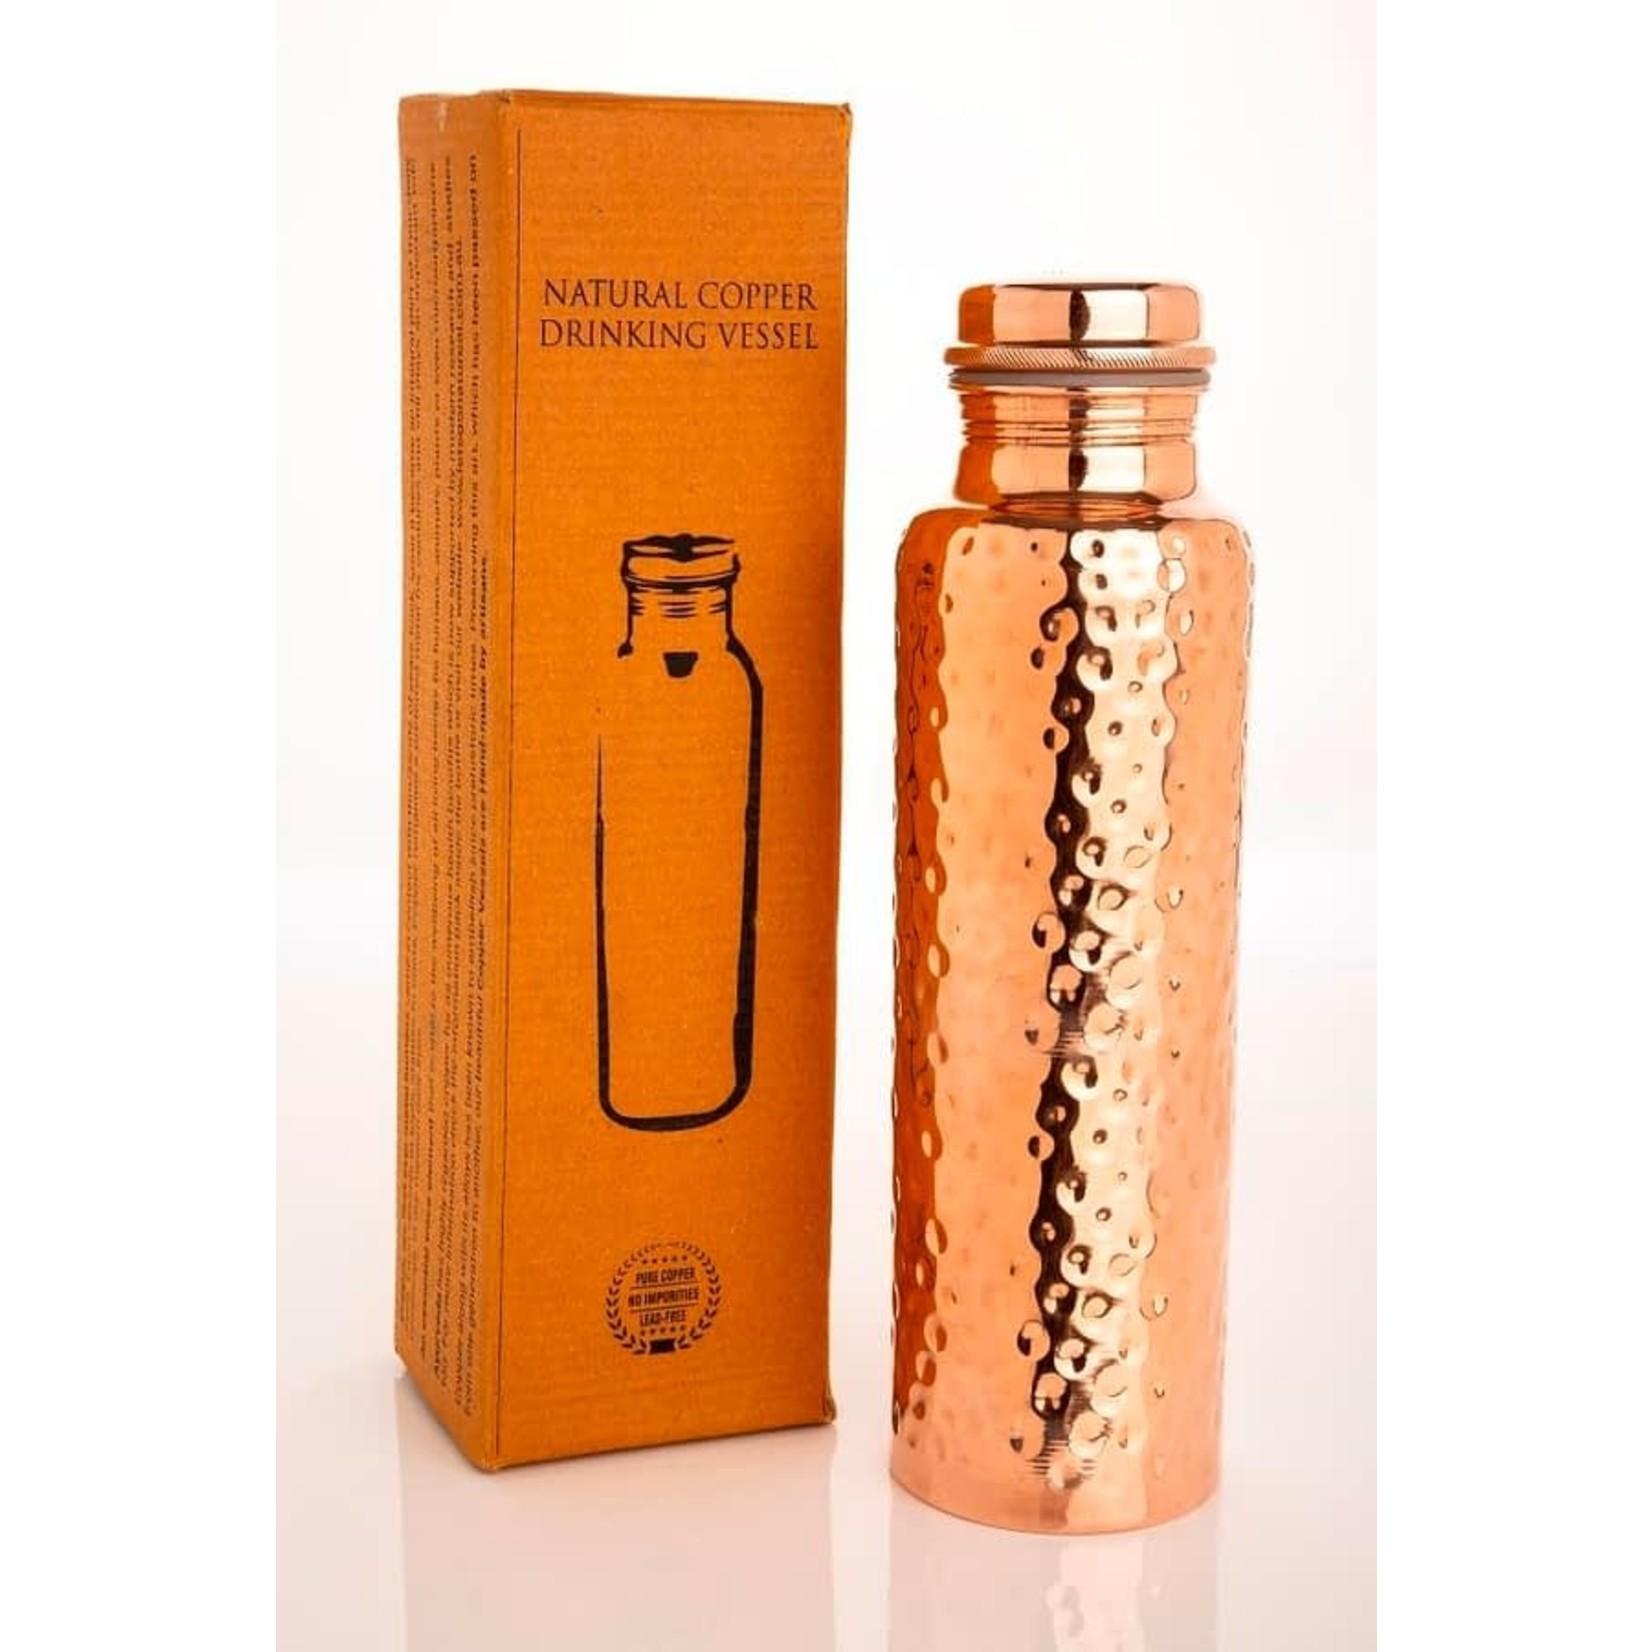 Let's Go Nature'al Let's Go Natureal 1 Litre Copper Bottle